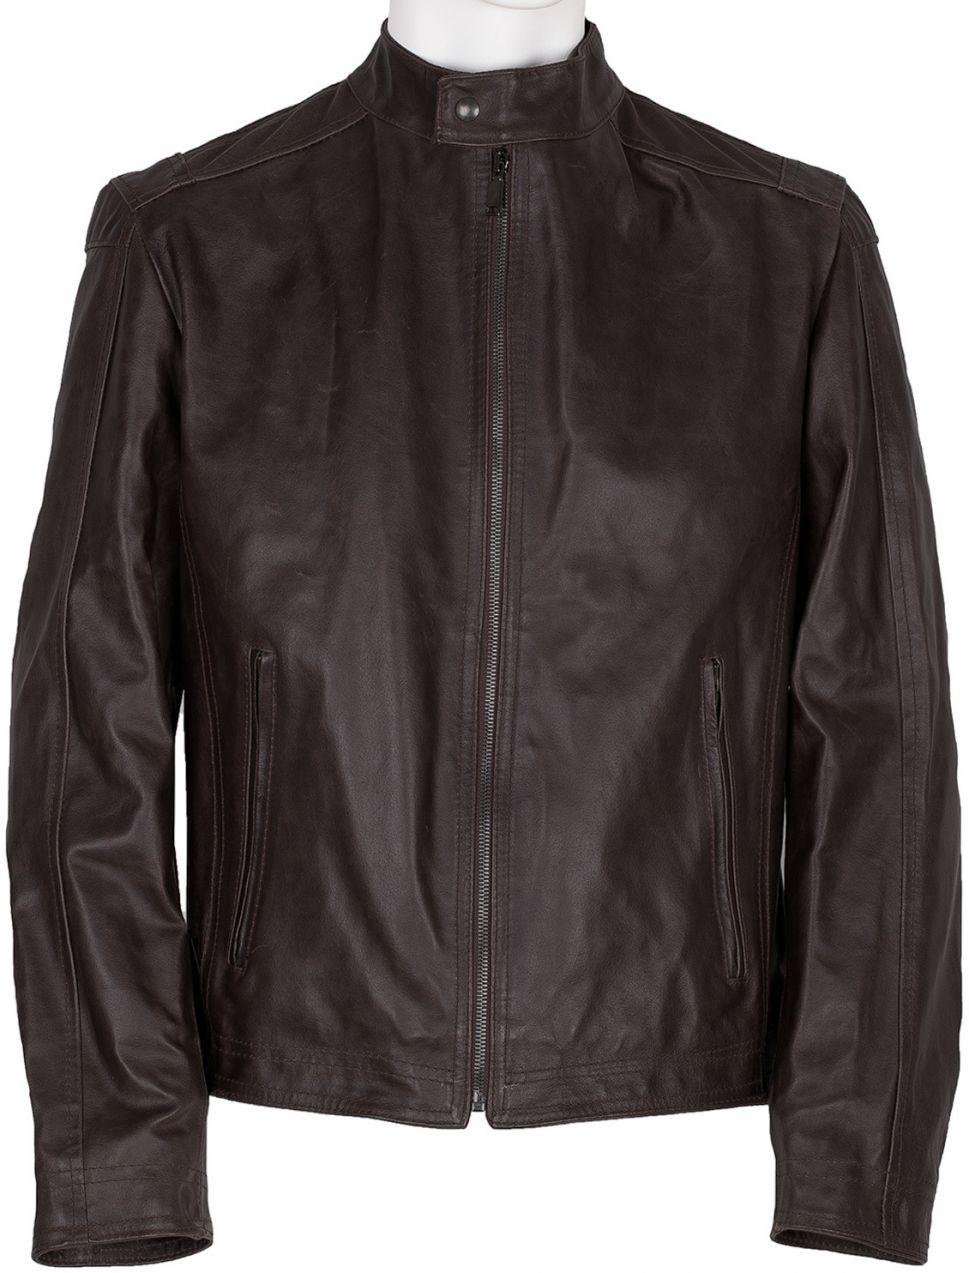 Hnedá pánska kožená bunda značky Baťa - Lovely.sk b6ed69c8ce